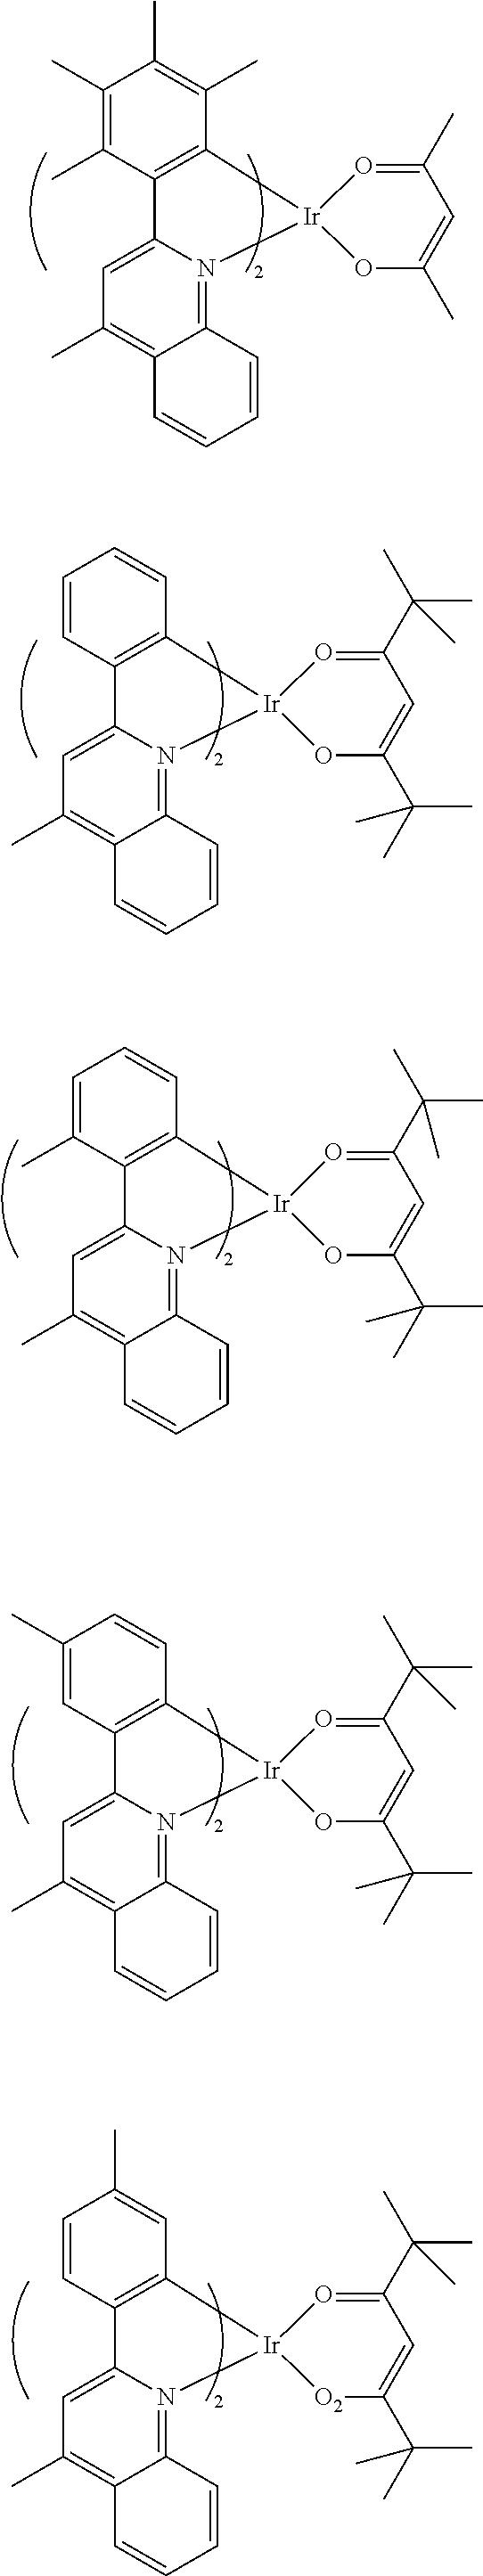 Figure US09324958-20160426-C00022